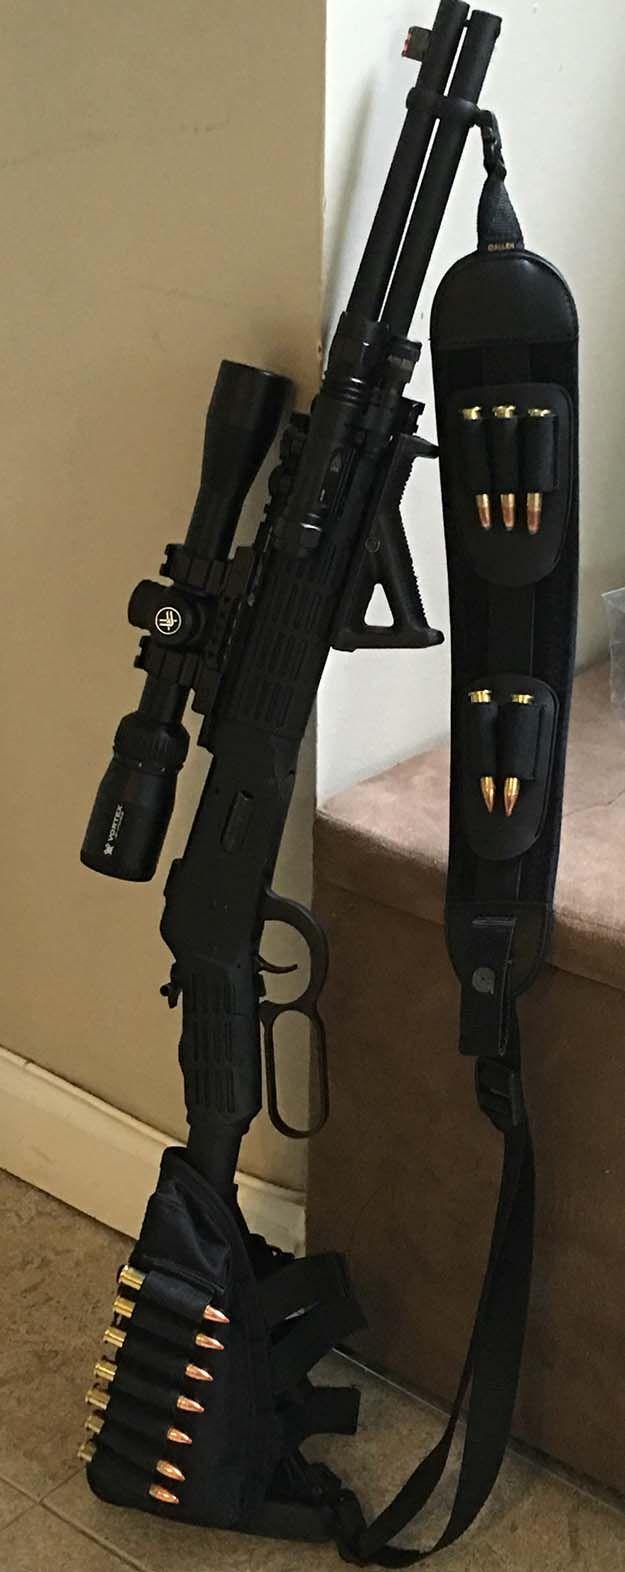 Pin On Hunting And Guns